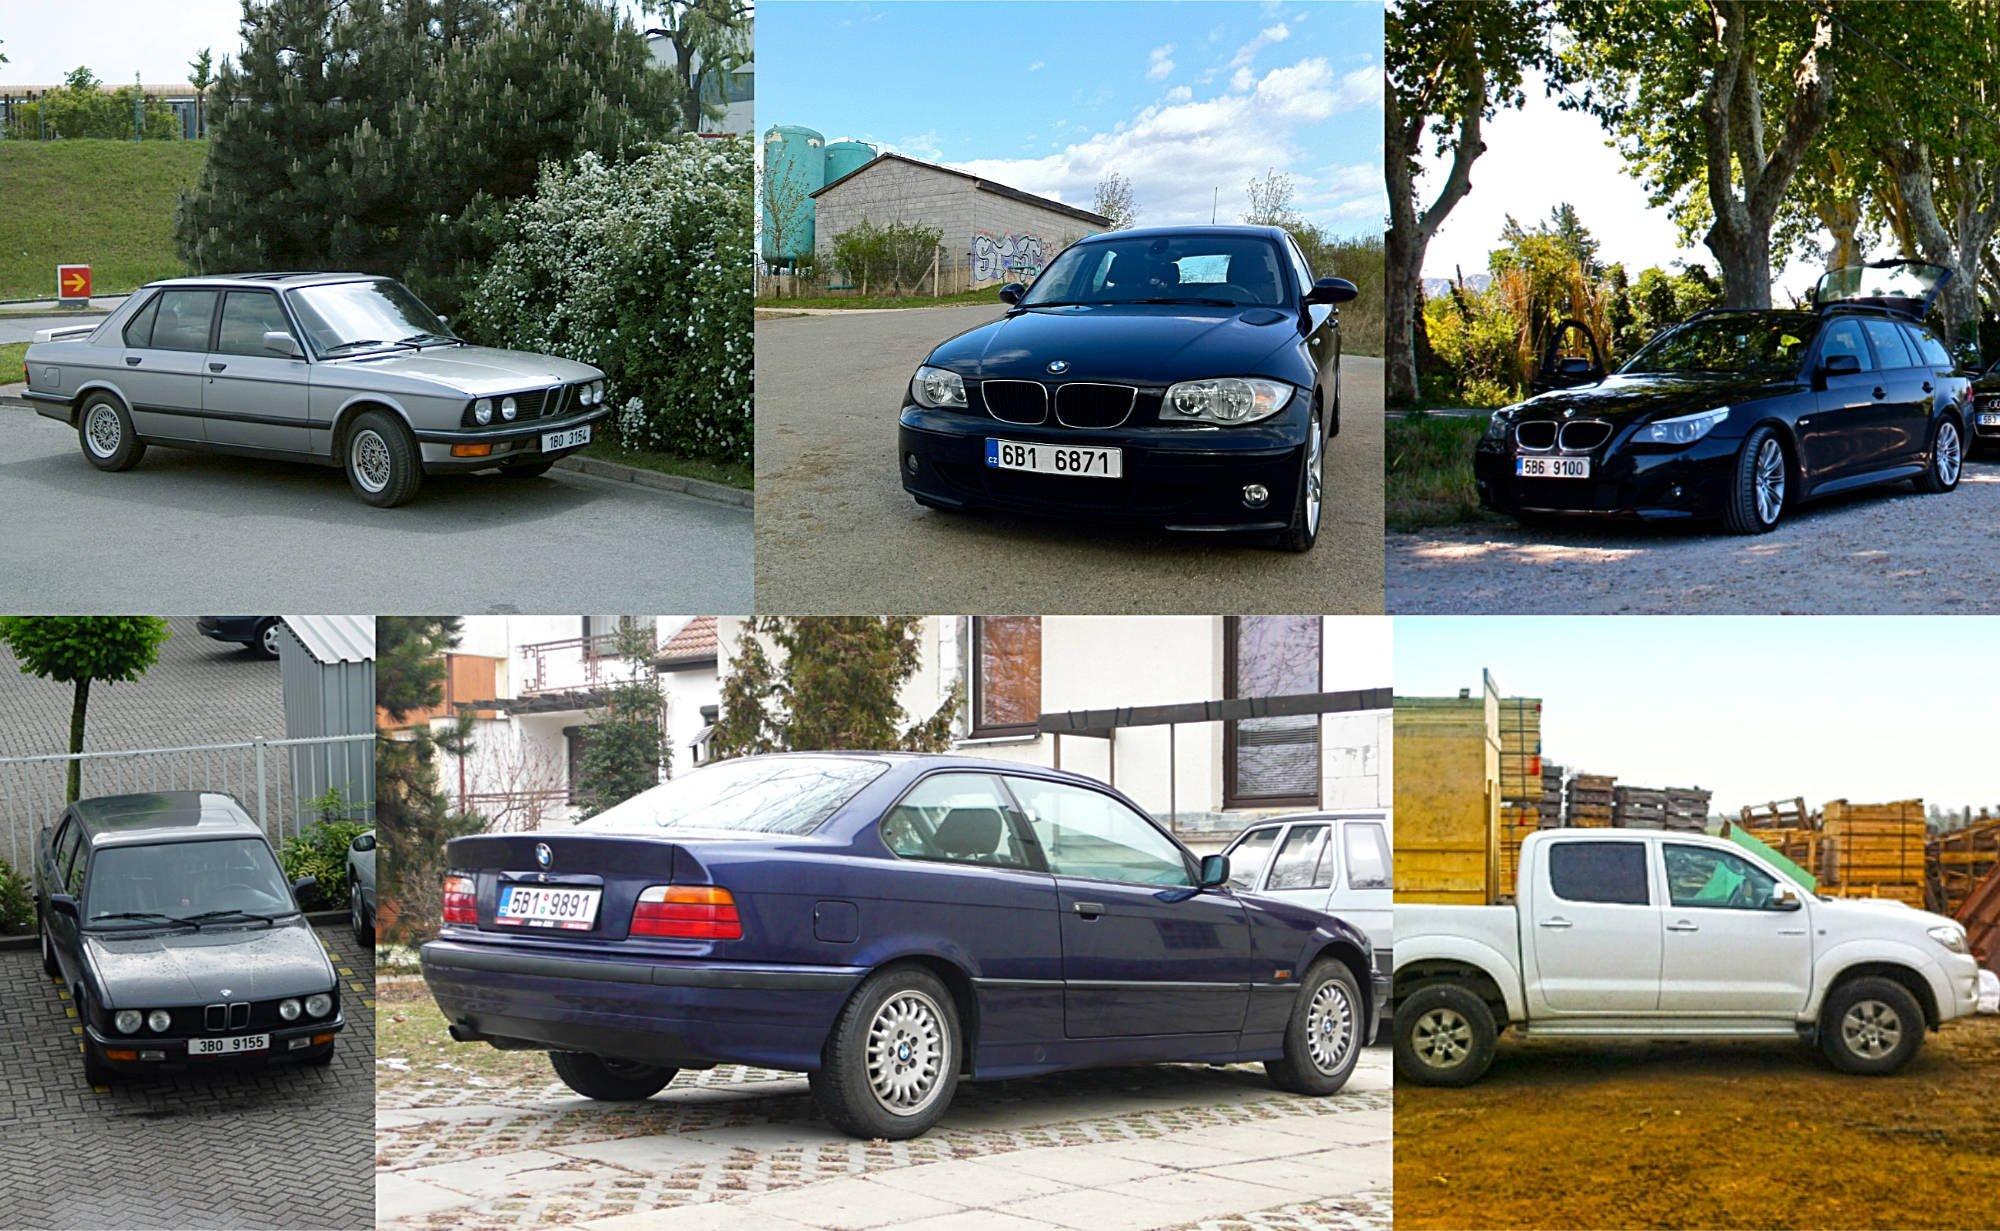 All my former BMWs